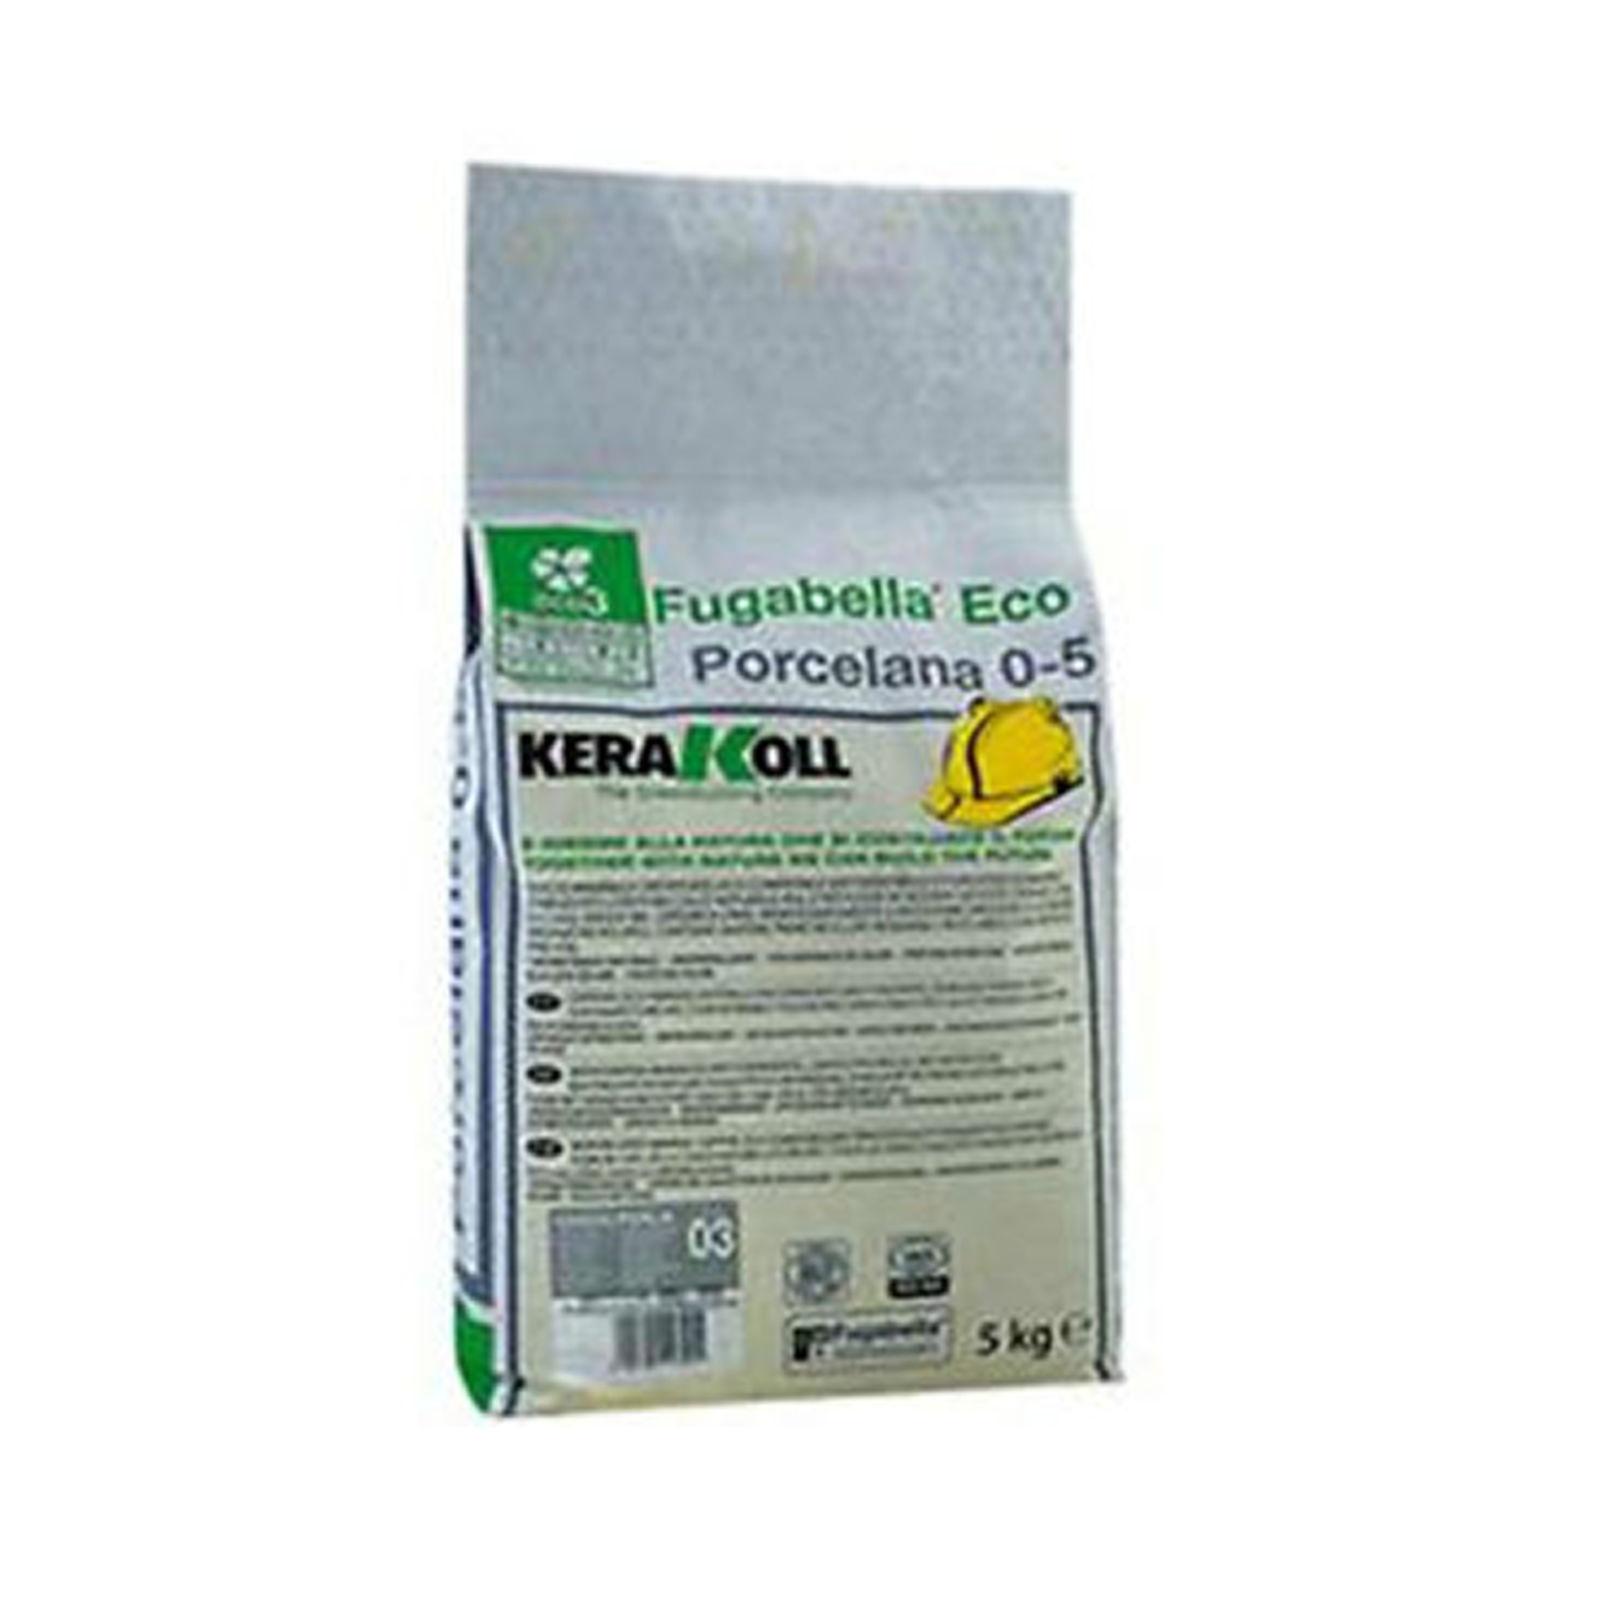 Kerakoll fugabella eco porcelana 0-5 fuga stucco per piastrelle colore pergamon kg5